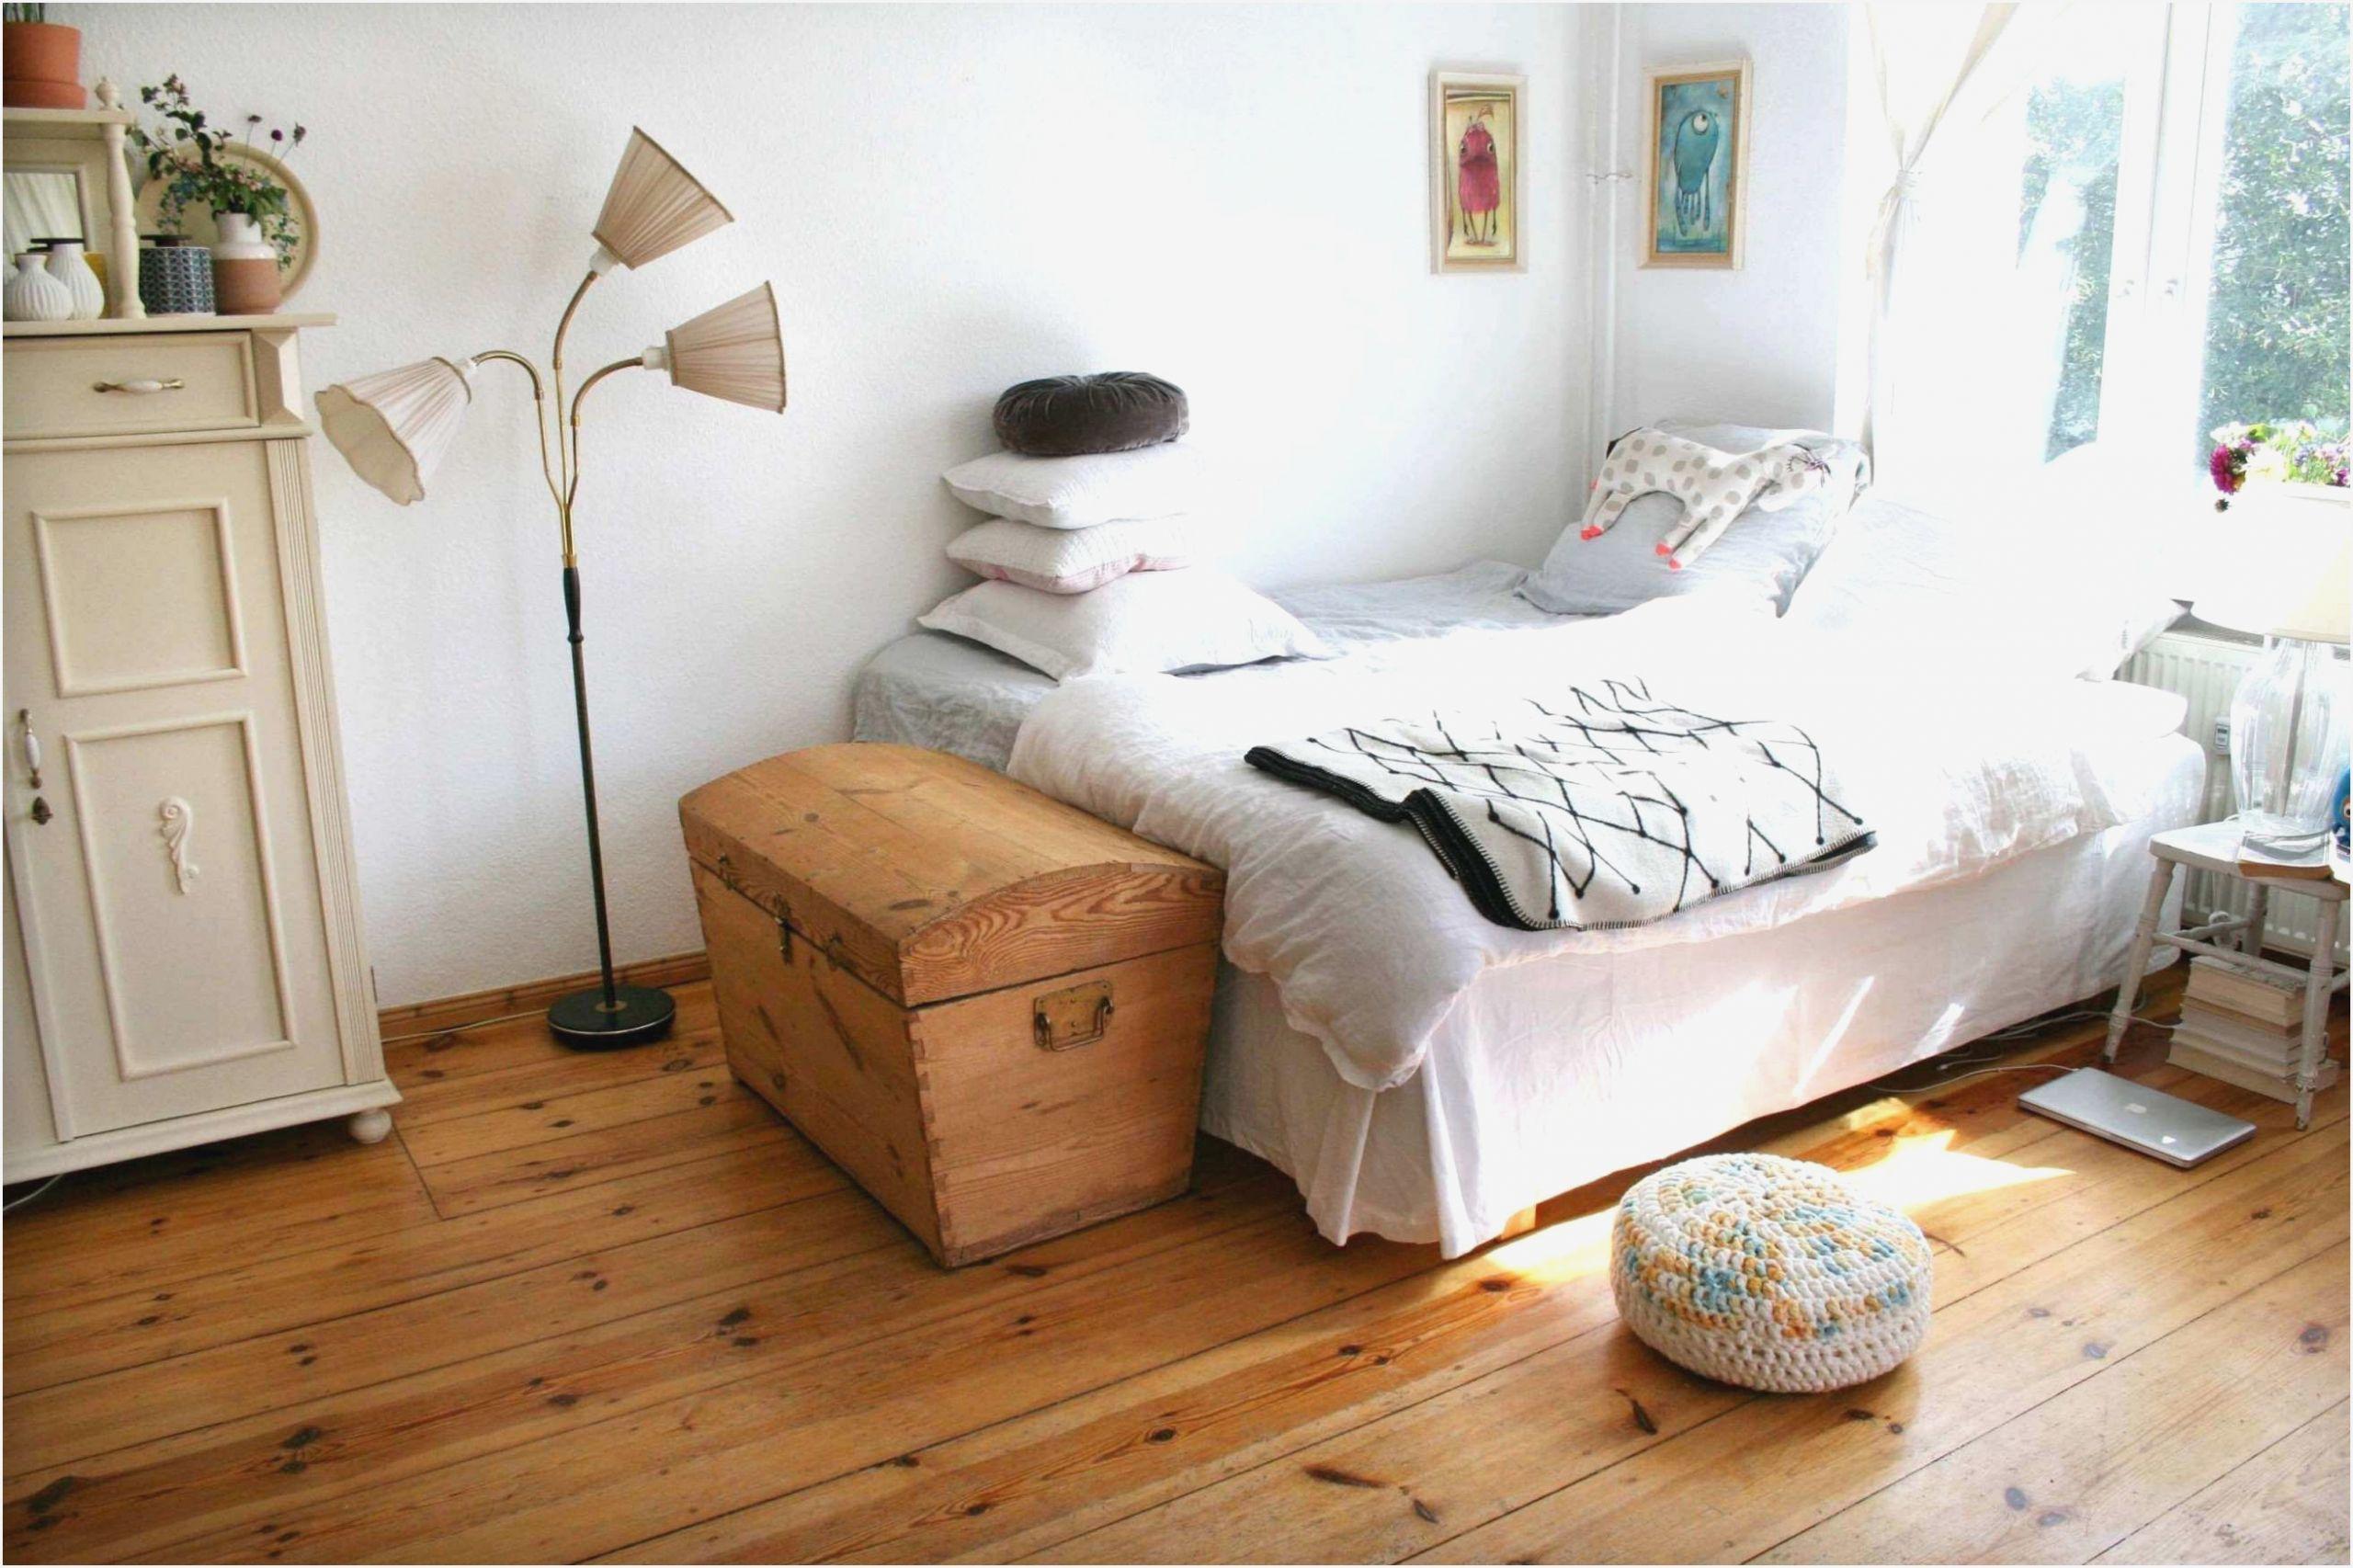 Full Size of Raumteiler Ideen Wohnzimmer Schlafzimmer Gnstig Wiemann Bett Günstig Kaufen Kronleuchter Deckenleuchte Modern Teppich Günstige Sofa Tapeten Regale Set Mit Schlafzimmer Schlafzimmer Günstig